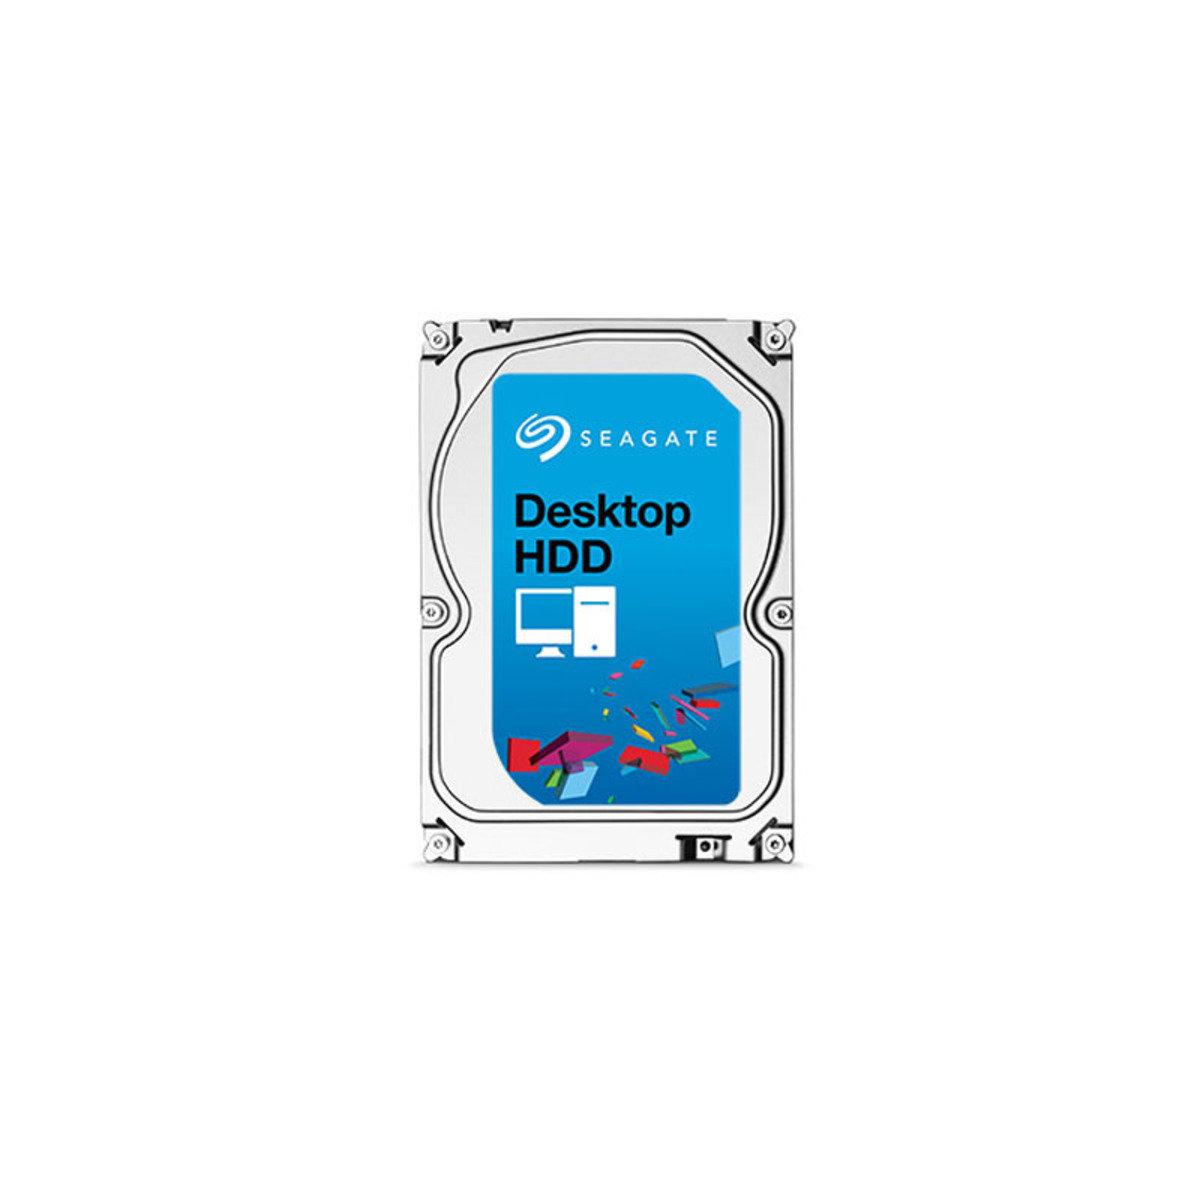 3.5吋 1TB SATA 6Gb/s 桌上型電腦 內置硬碟 ST1000DM003